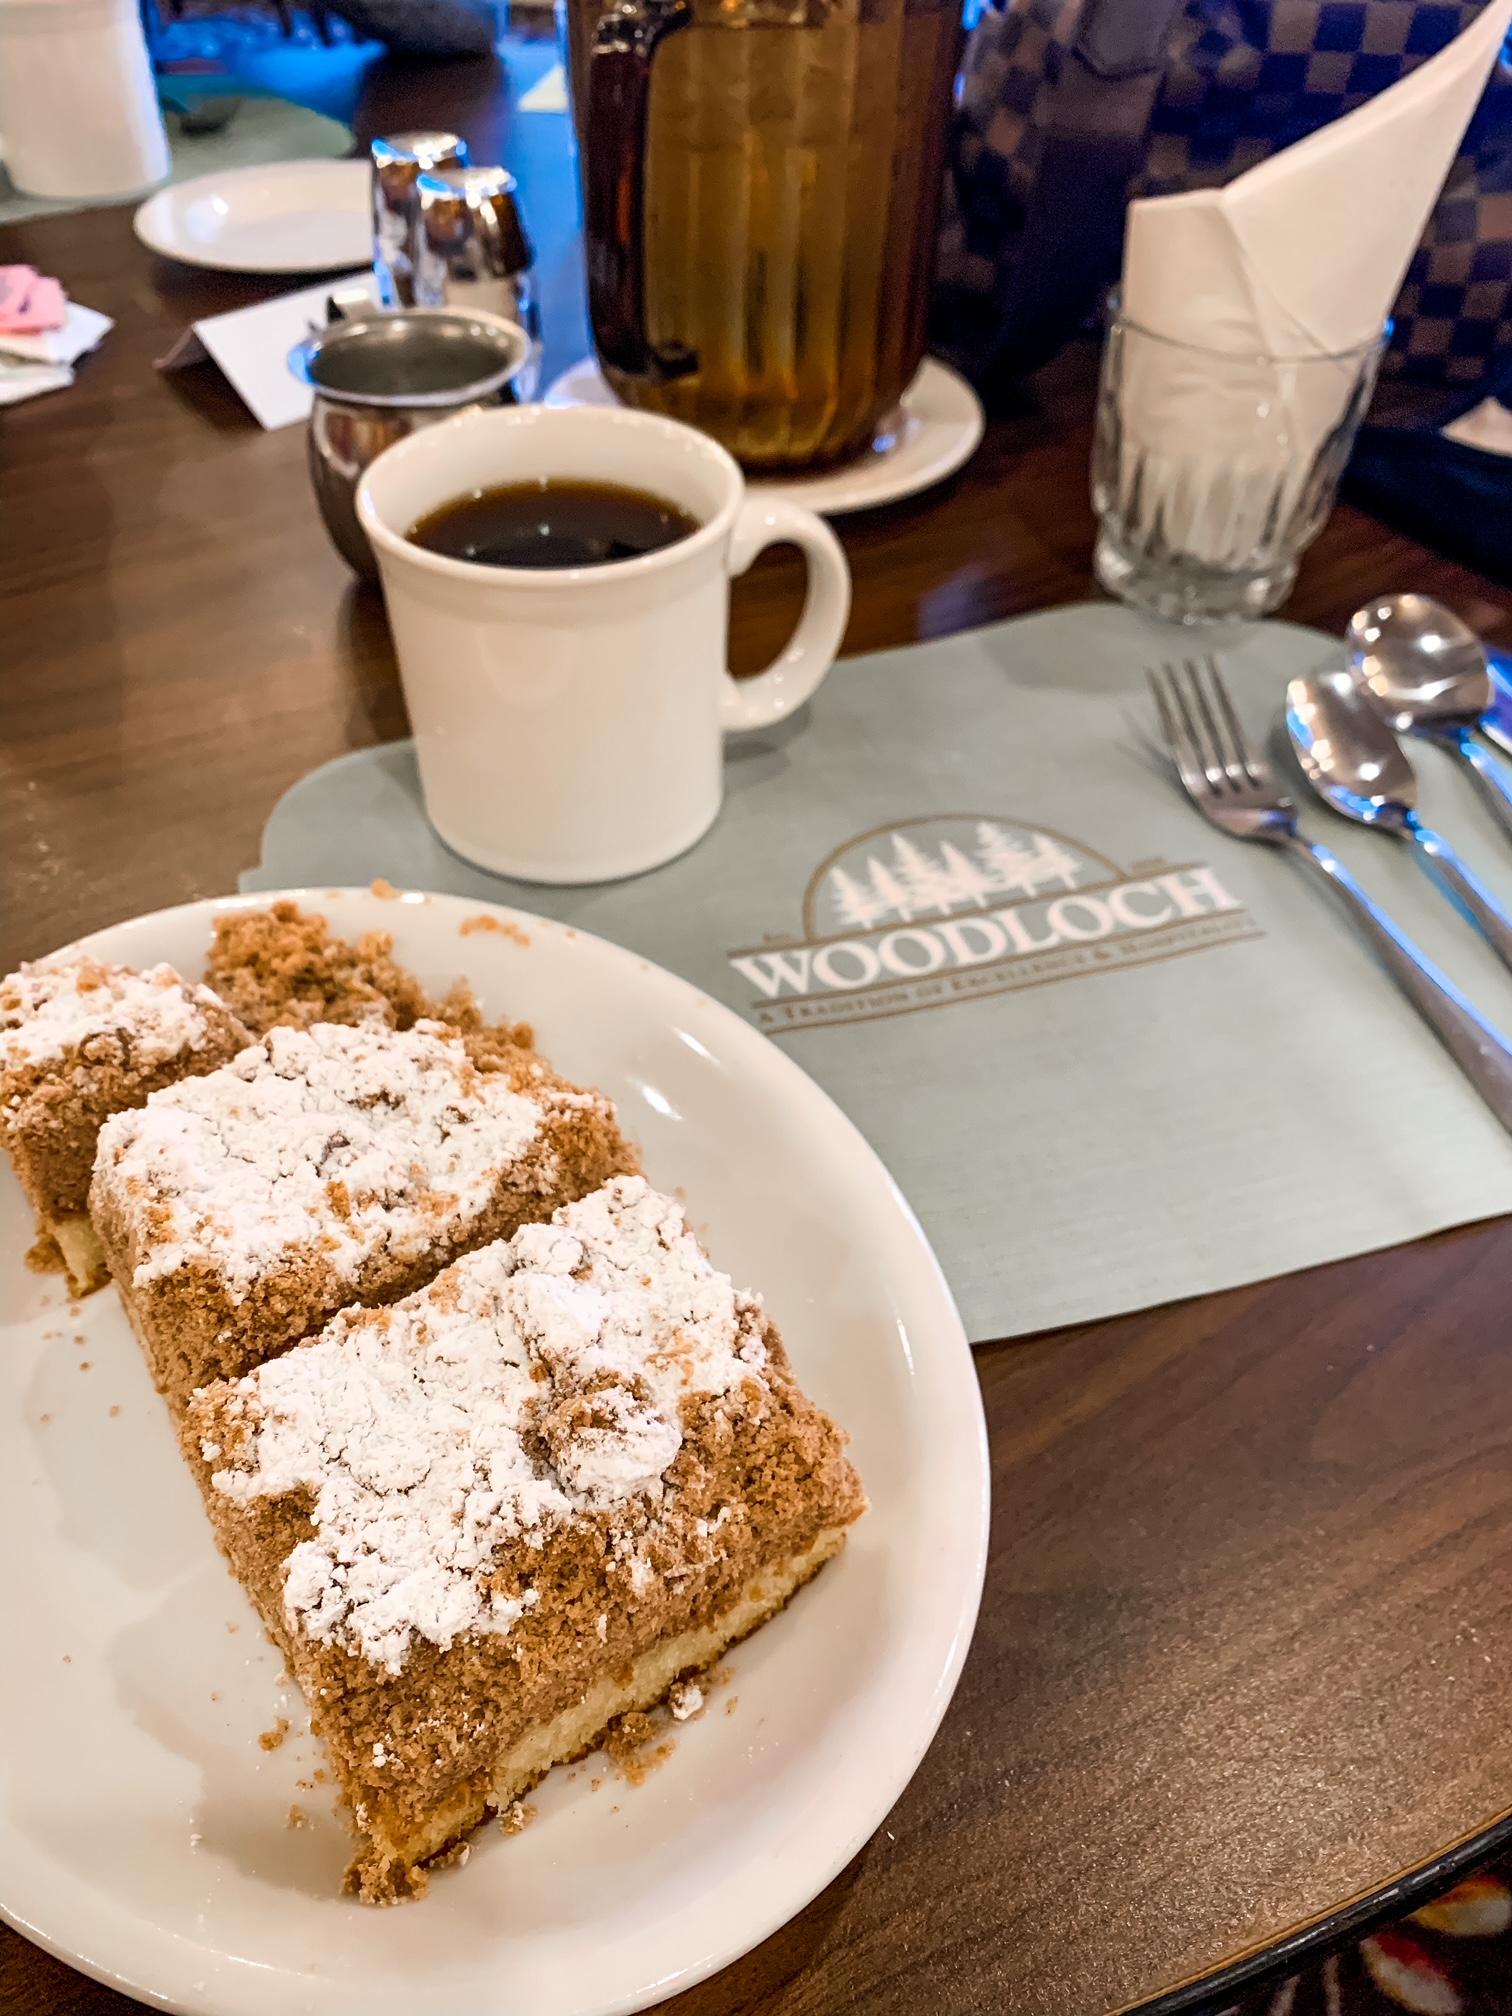 THE WOODLOCH RESORT crumb cake - Resort Review + Trip Recap on Coming Up Roses